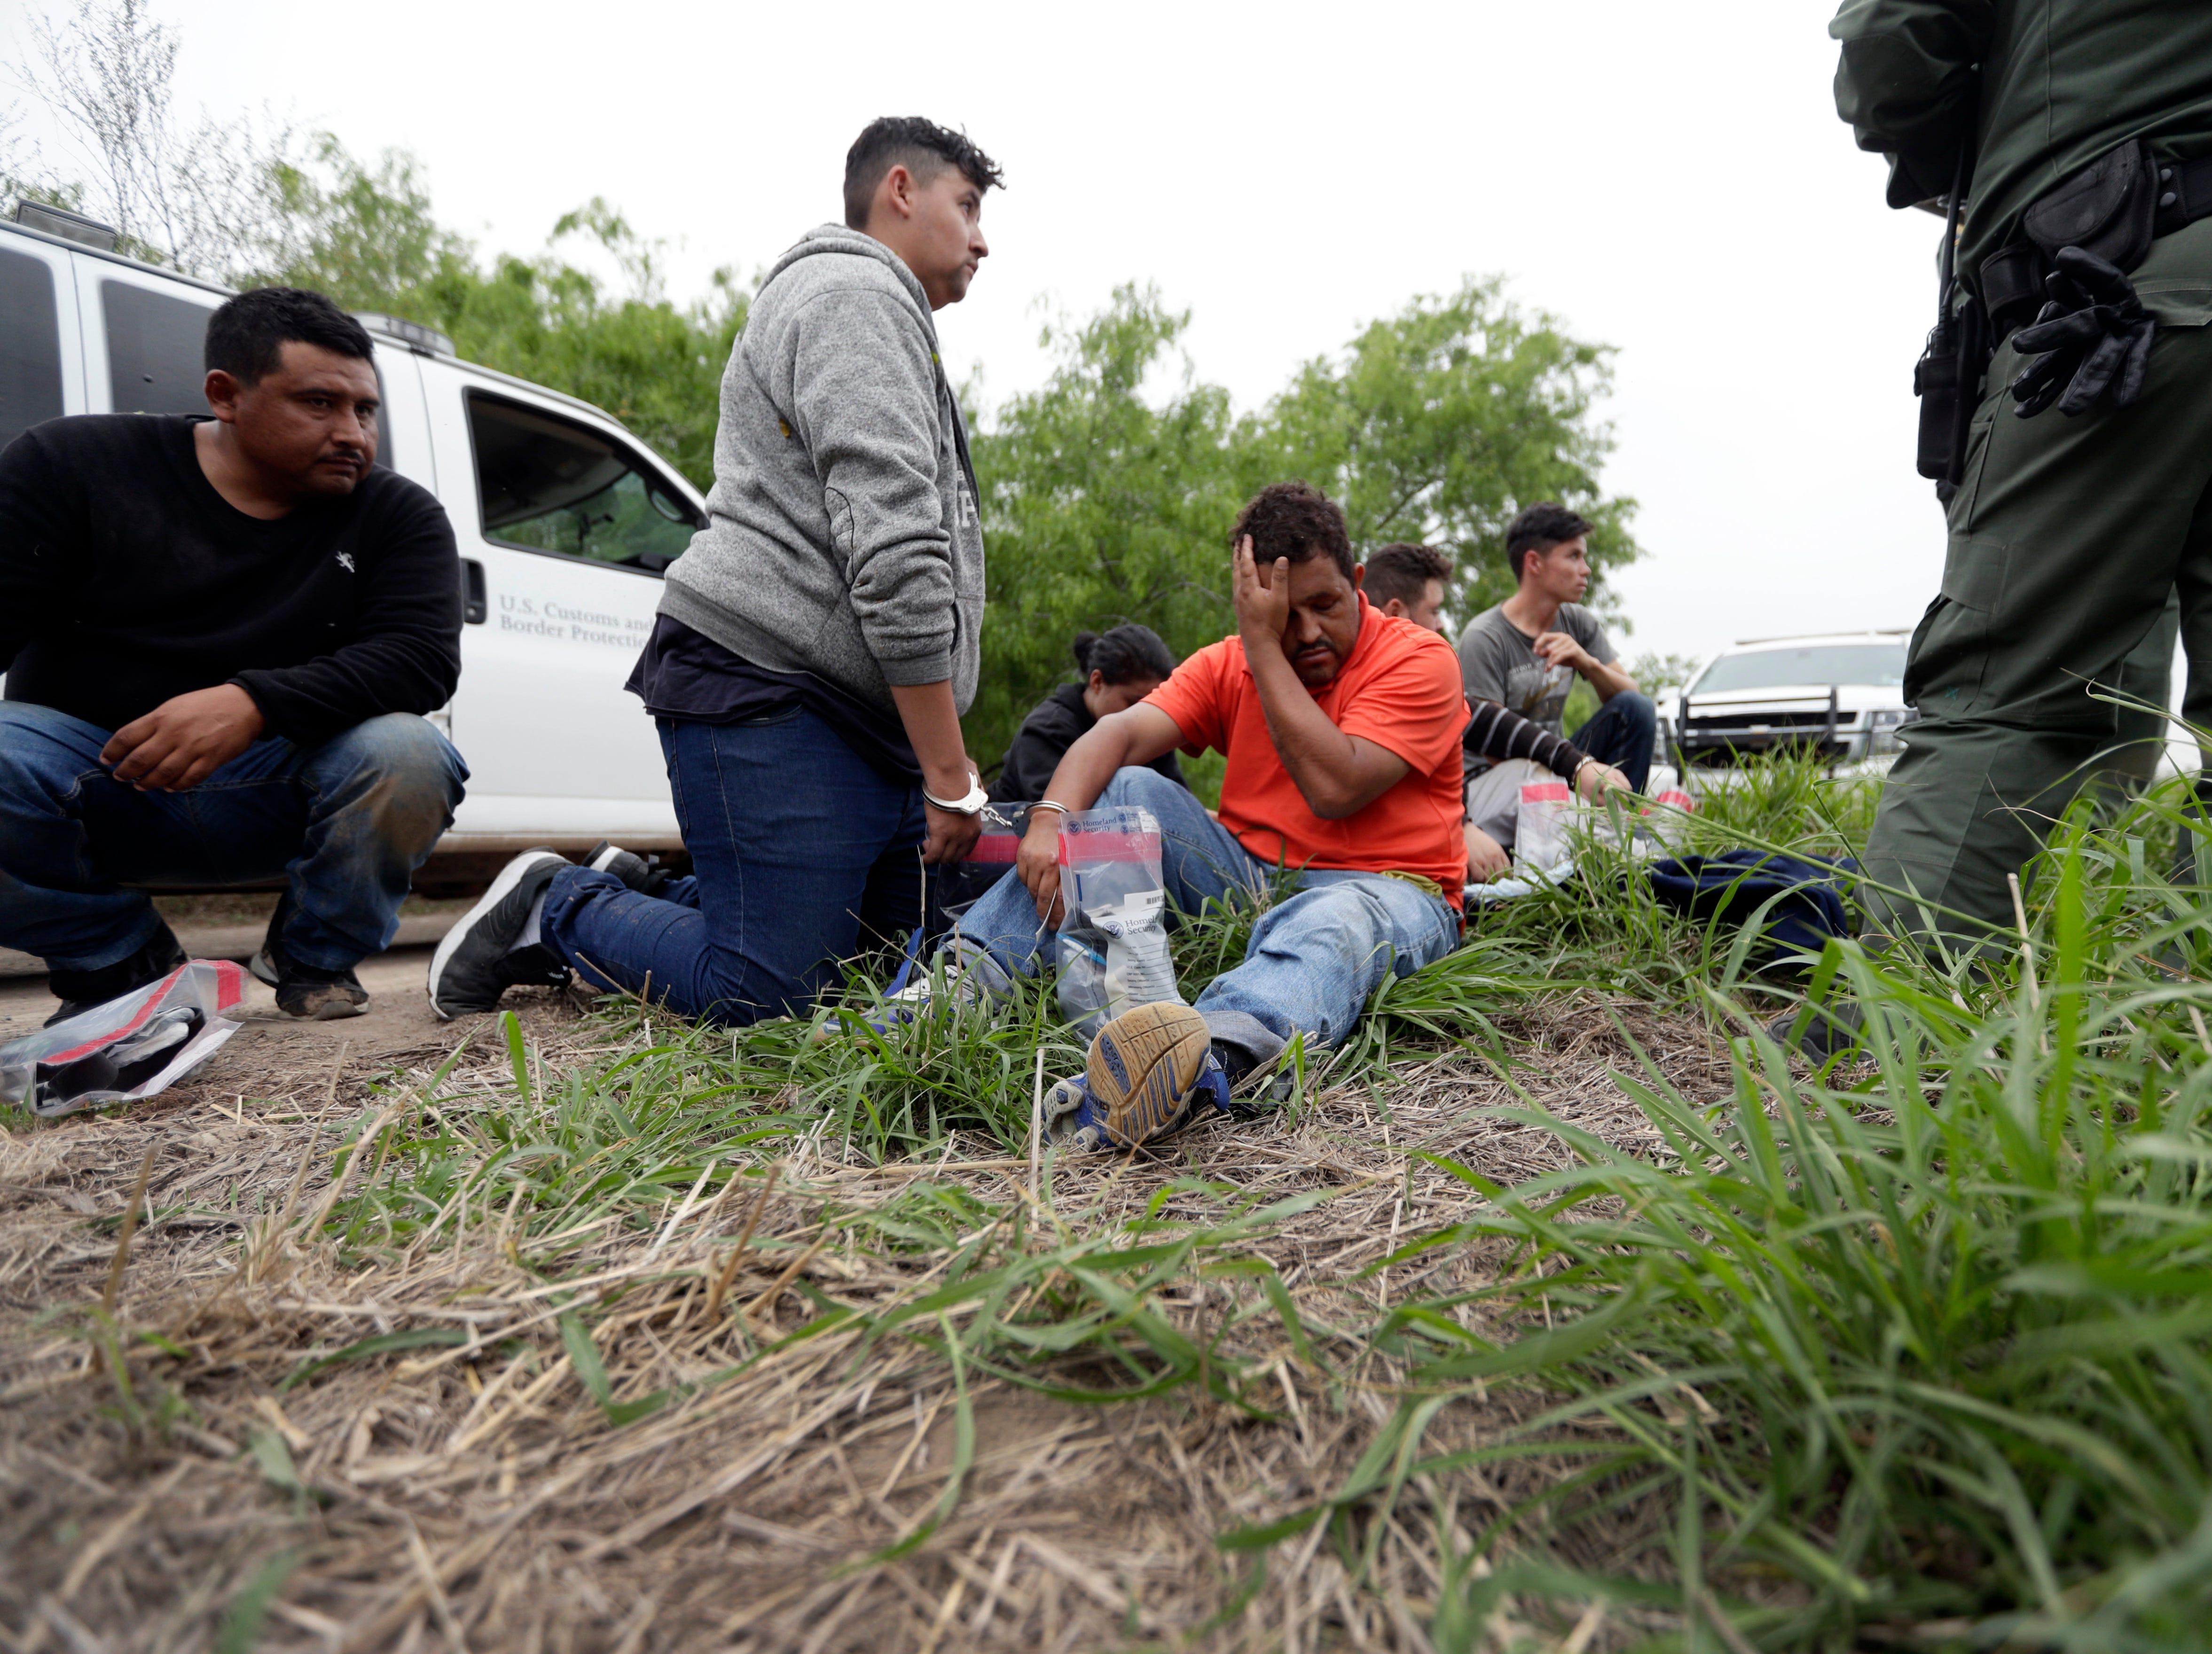 La Patrulla de Fronteras está tan abrumada con la atención de los migrantes, que debe alimentar y alojar, que esta semana dijo que comenzará a liberar a algunas familias para desocupar espacio en el centro de procesamiento.